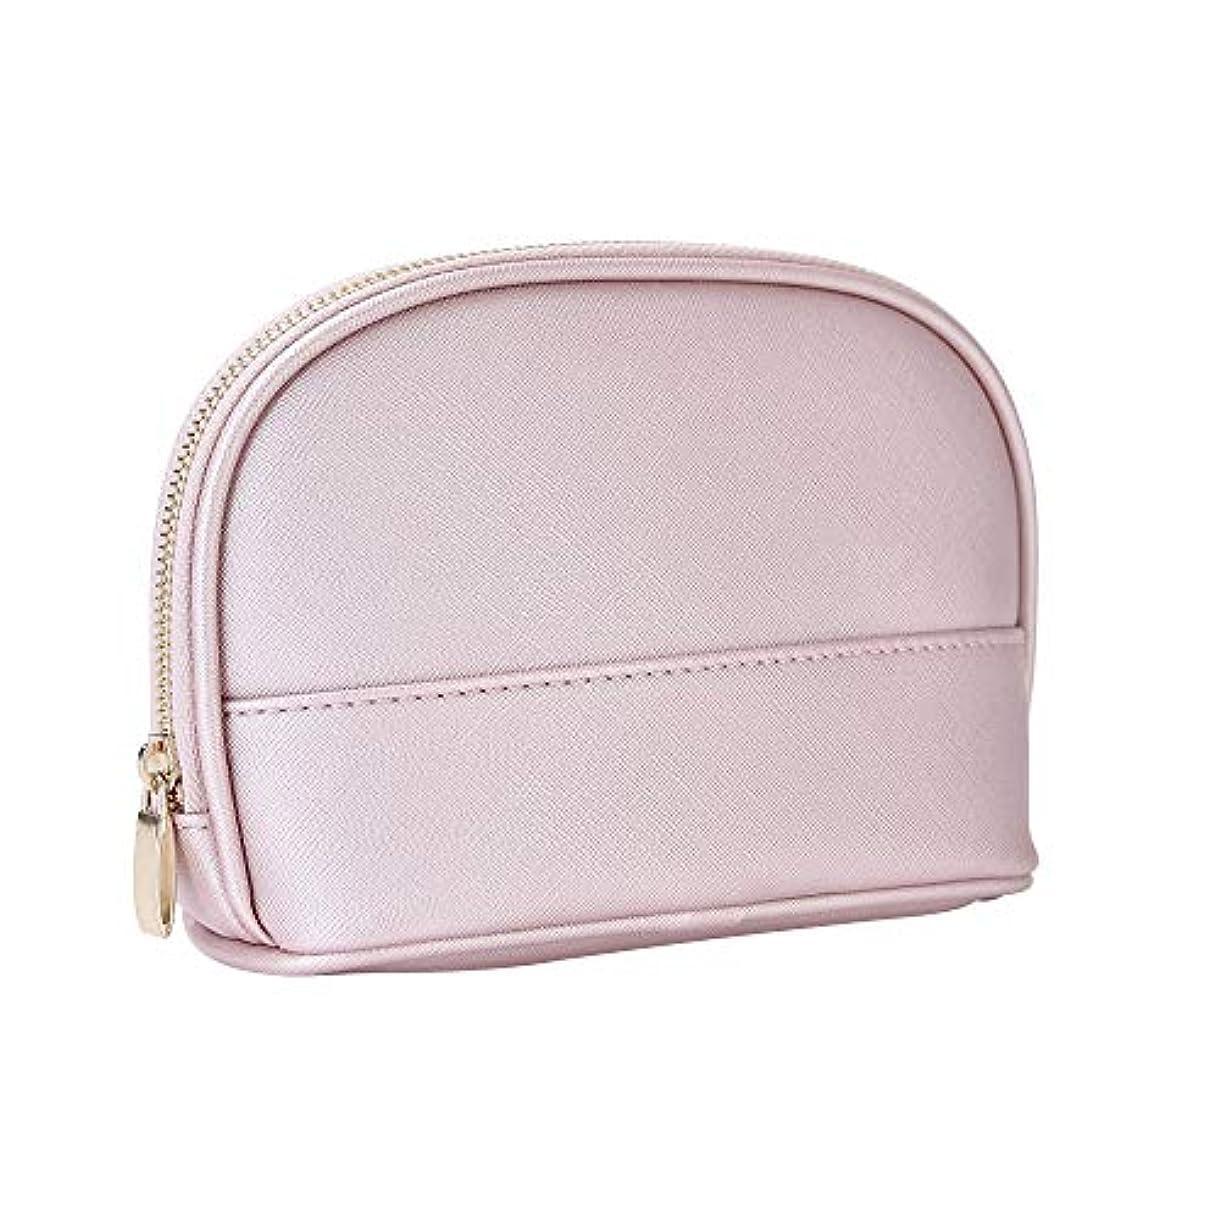 十分ですスケルトン四Xiazw ピンク PUレザー 防水 化粧ポーチ メイクポーチ バッグ 化粧品収納 小物入れ 出張 旅行用